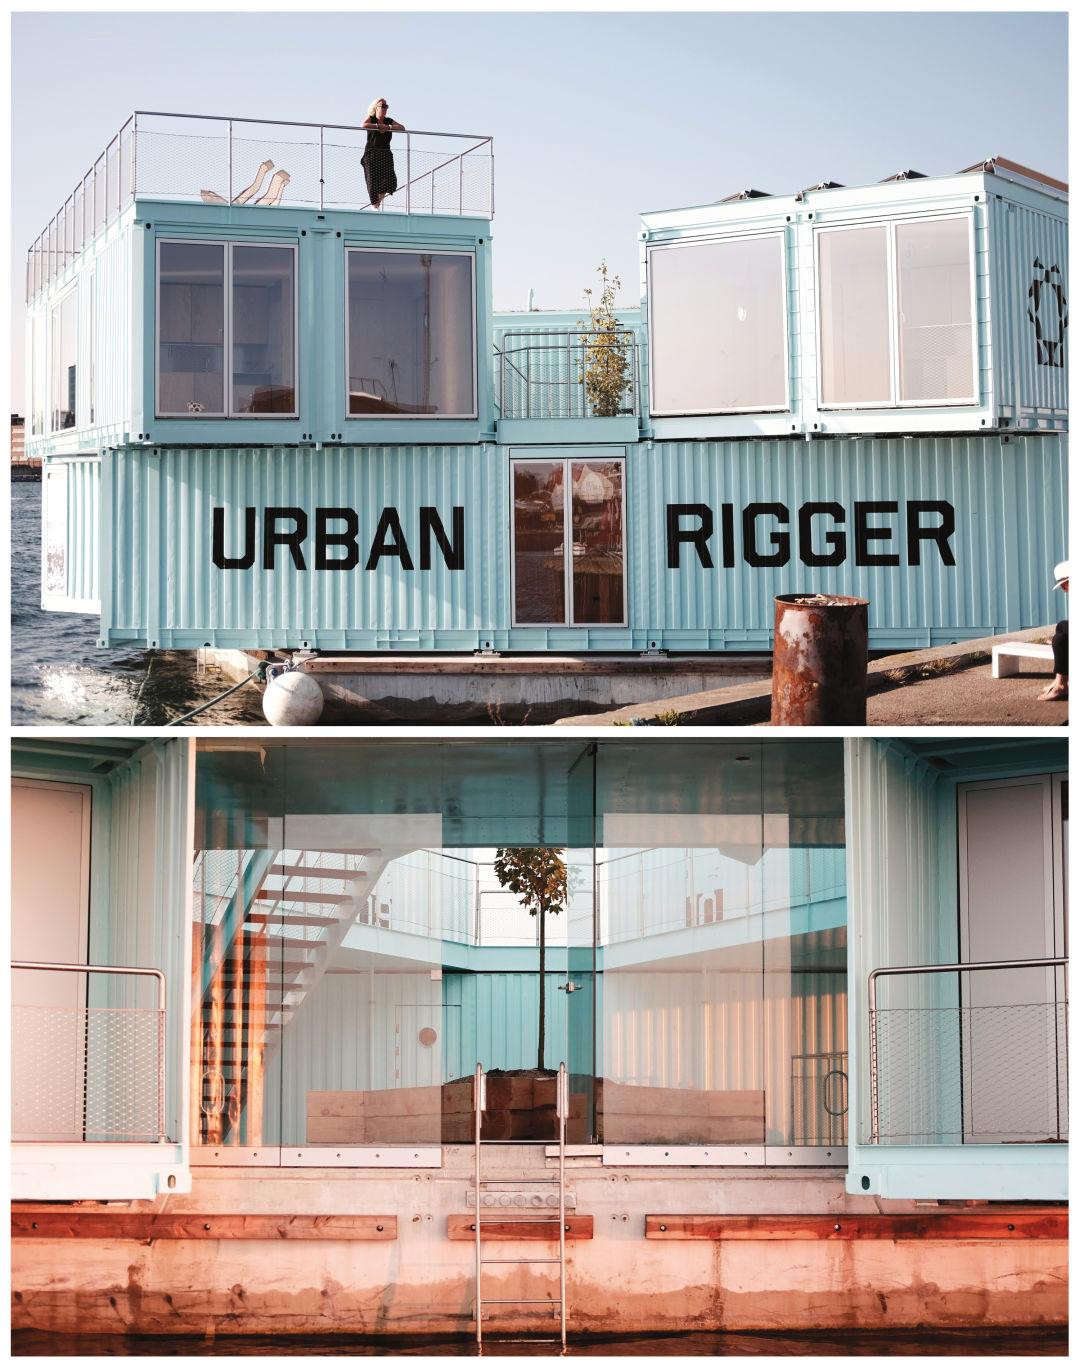 Da2017 affordable housing urban rigger mnwey5